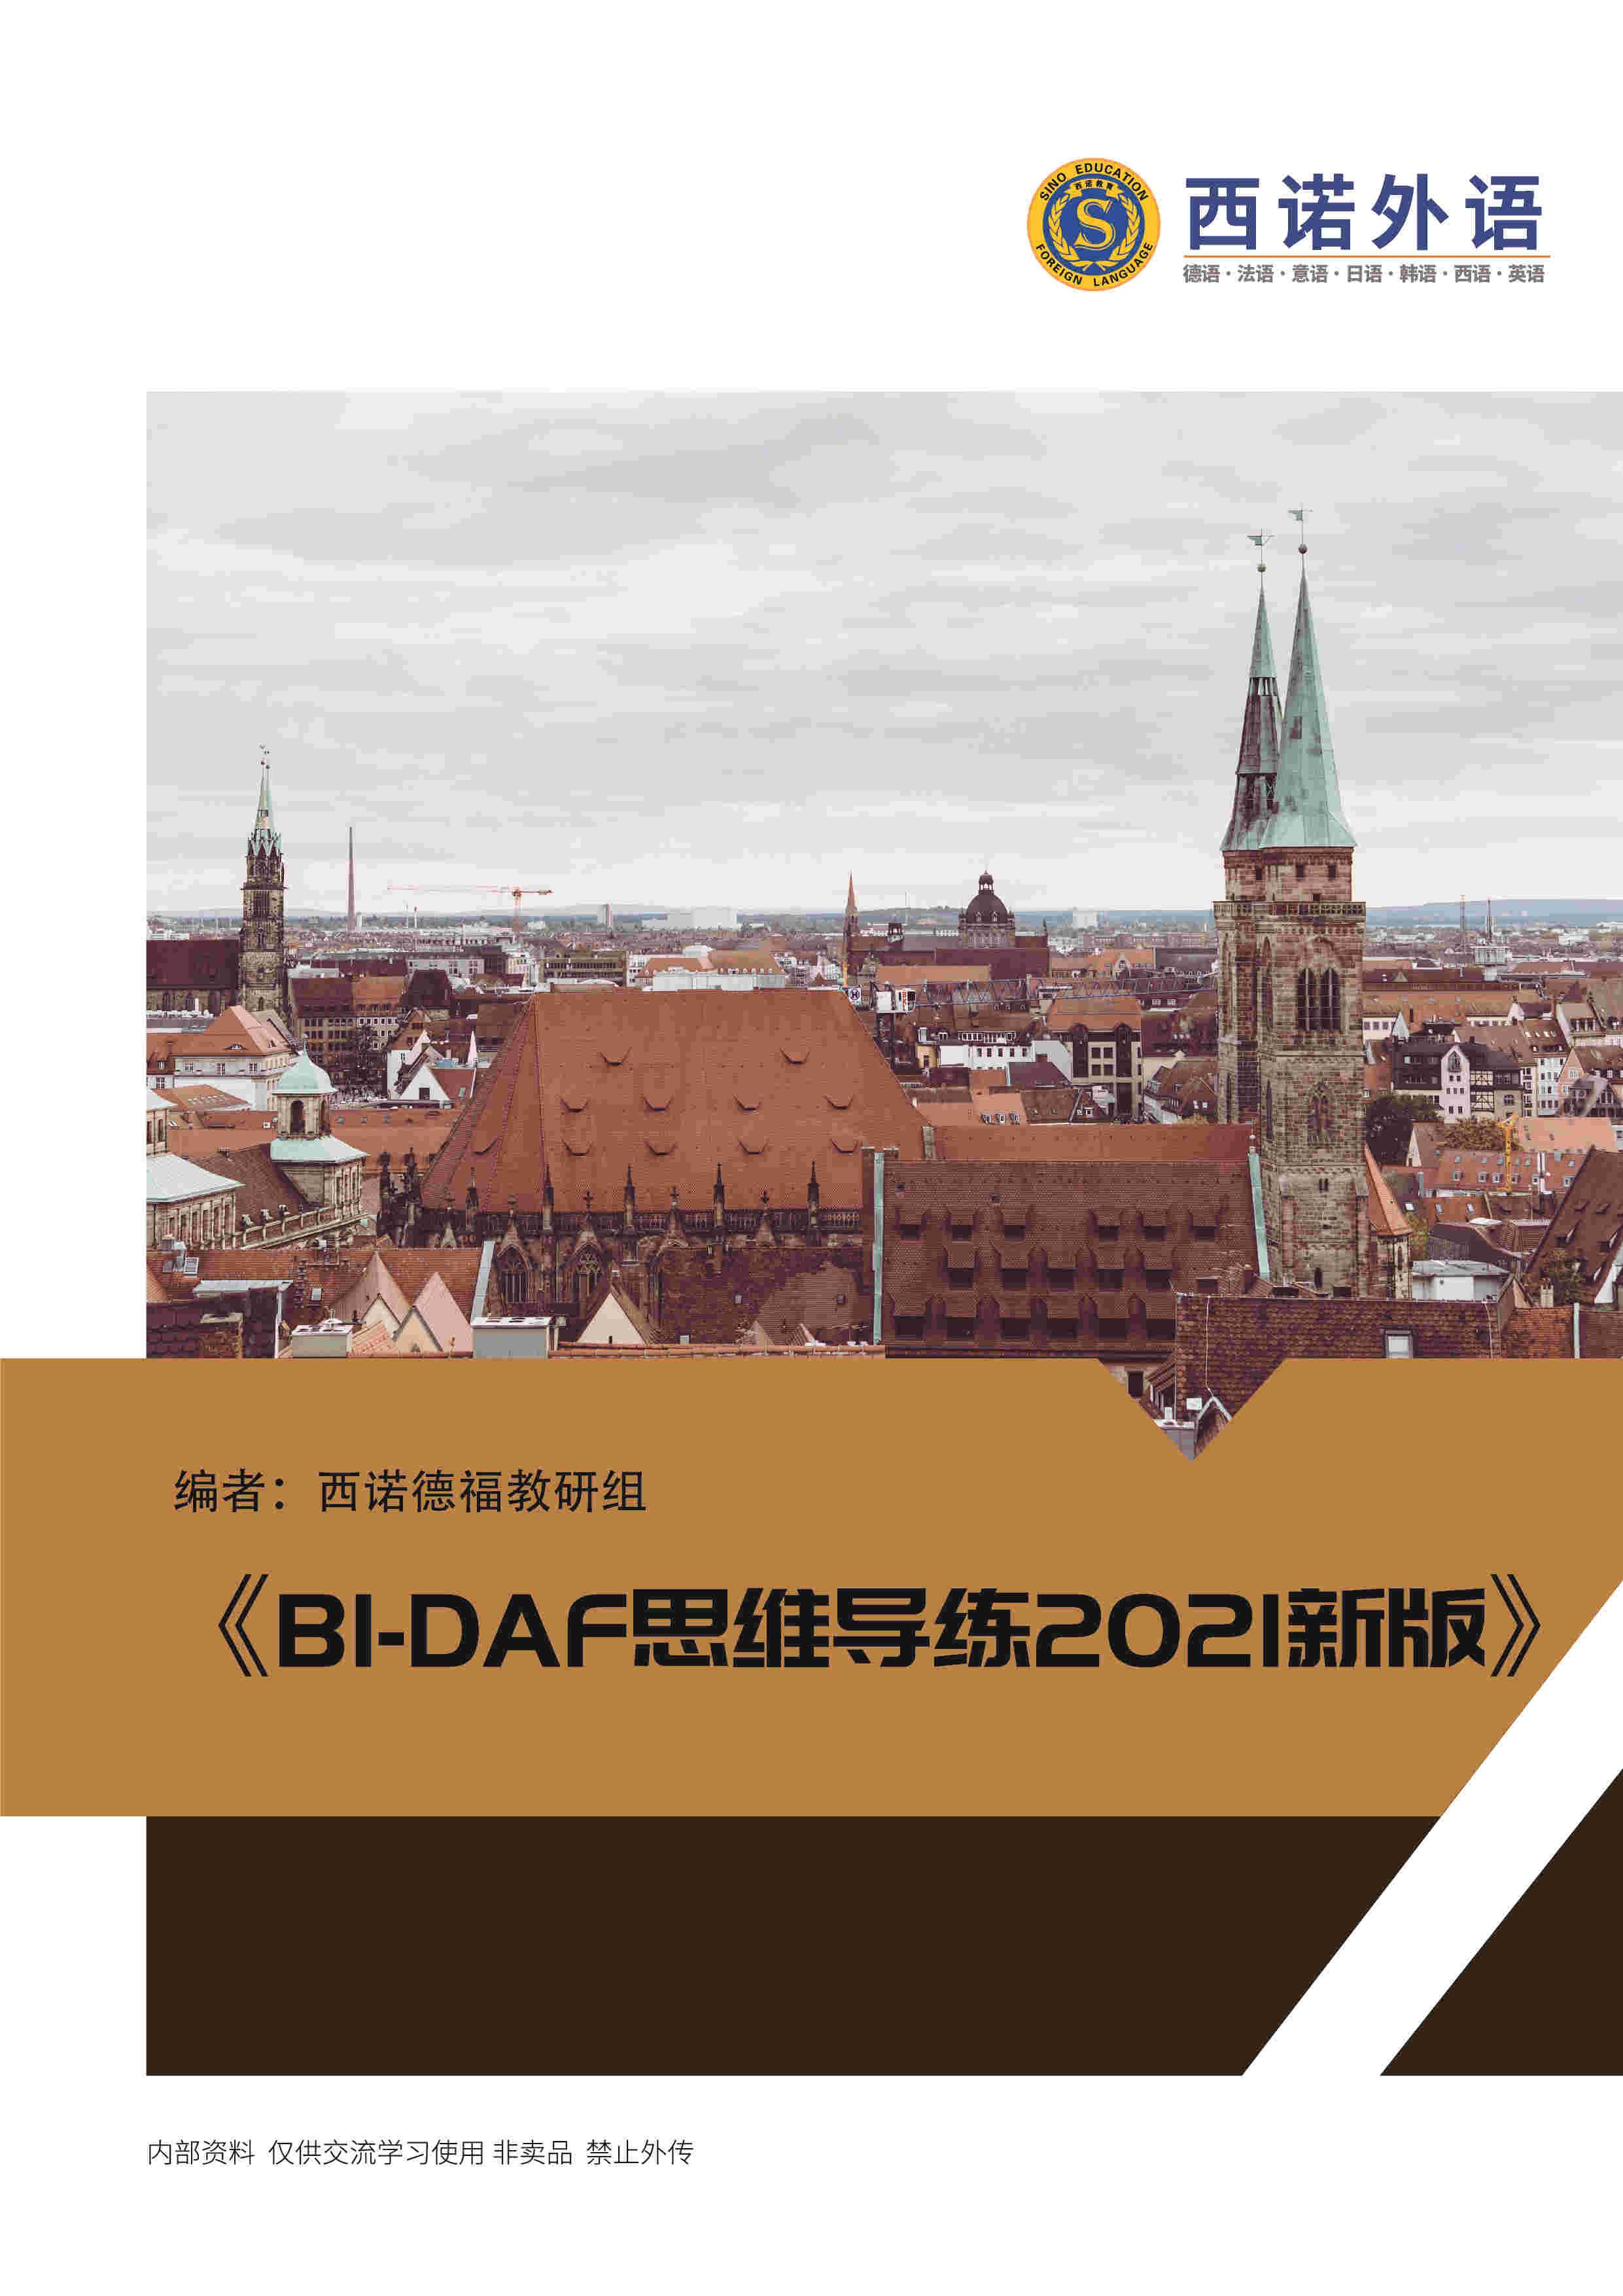 德语B1-DAF思维导练